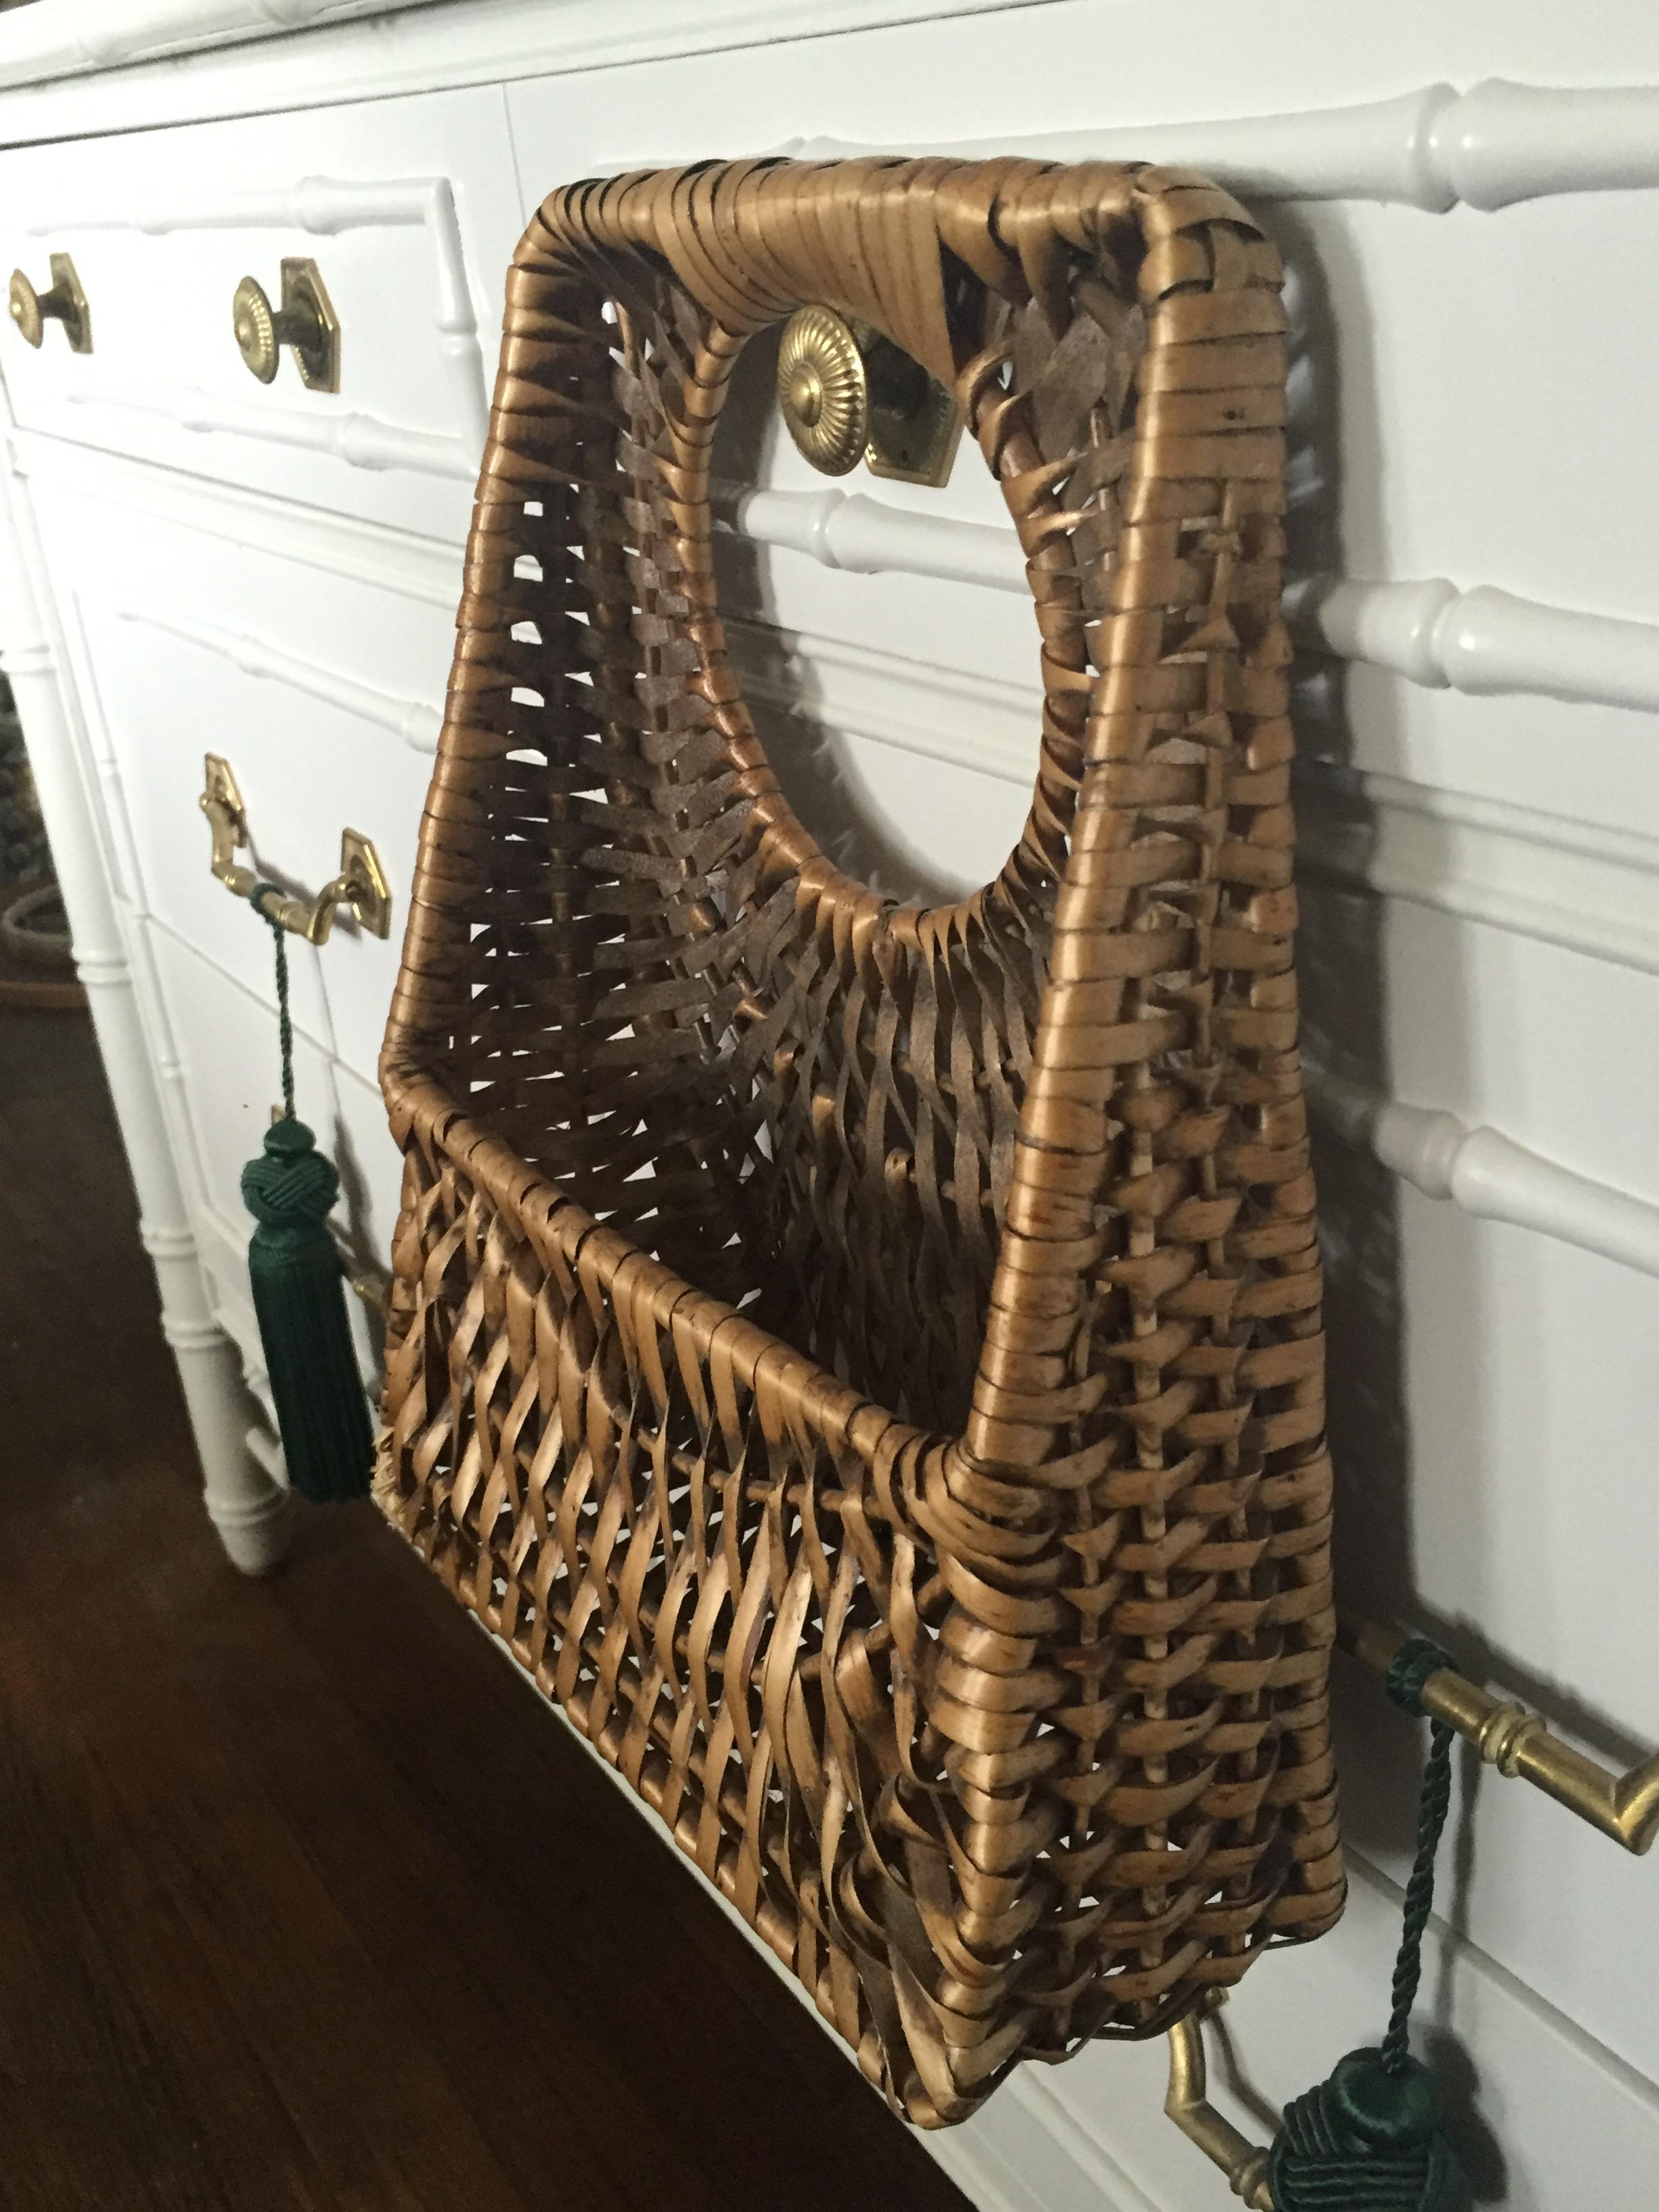 French Wicker Hanging Basket Front Door Decor - Image 5 of 10  sc 1 st  Chairish & French Wicker Hanging Basket Front Door Decor | Chairish